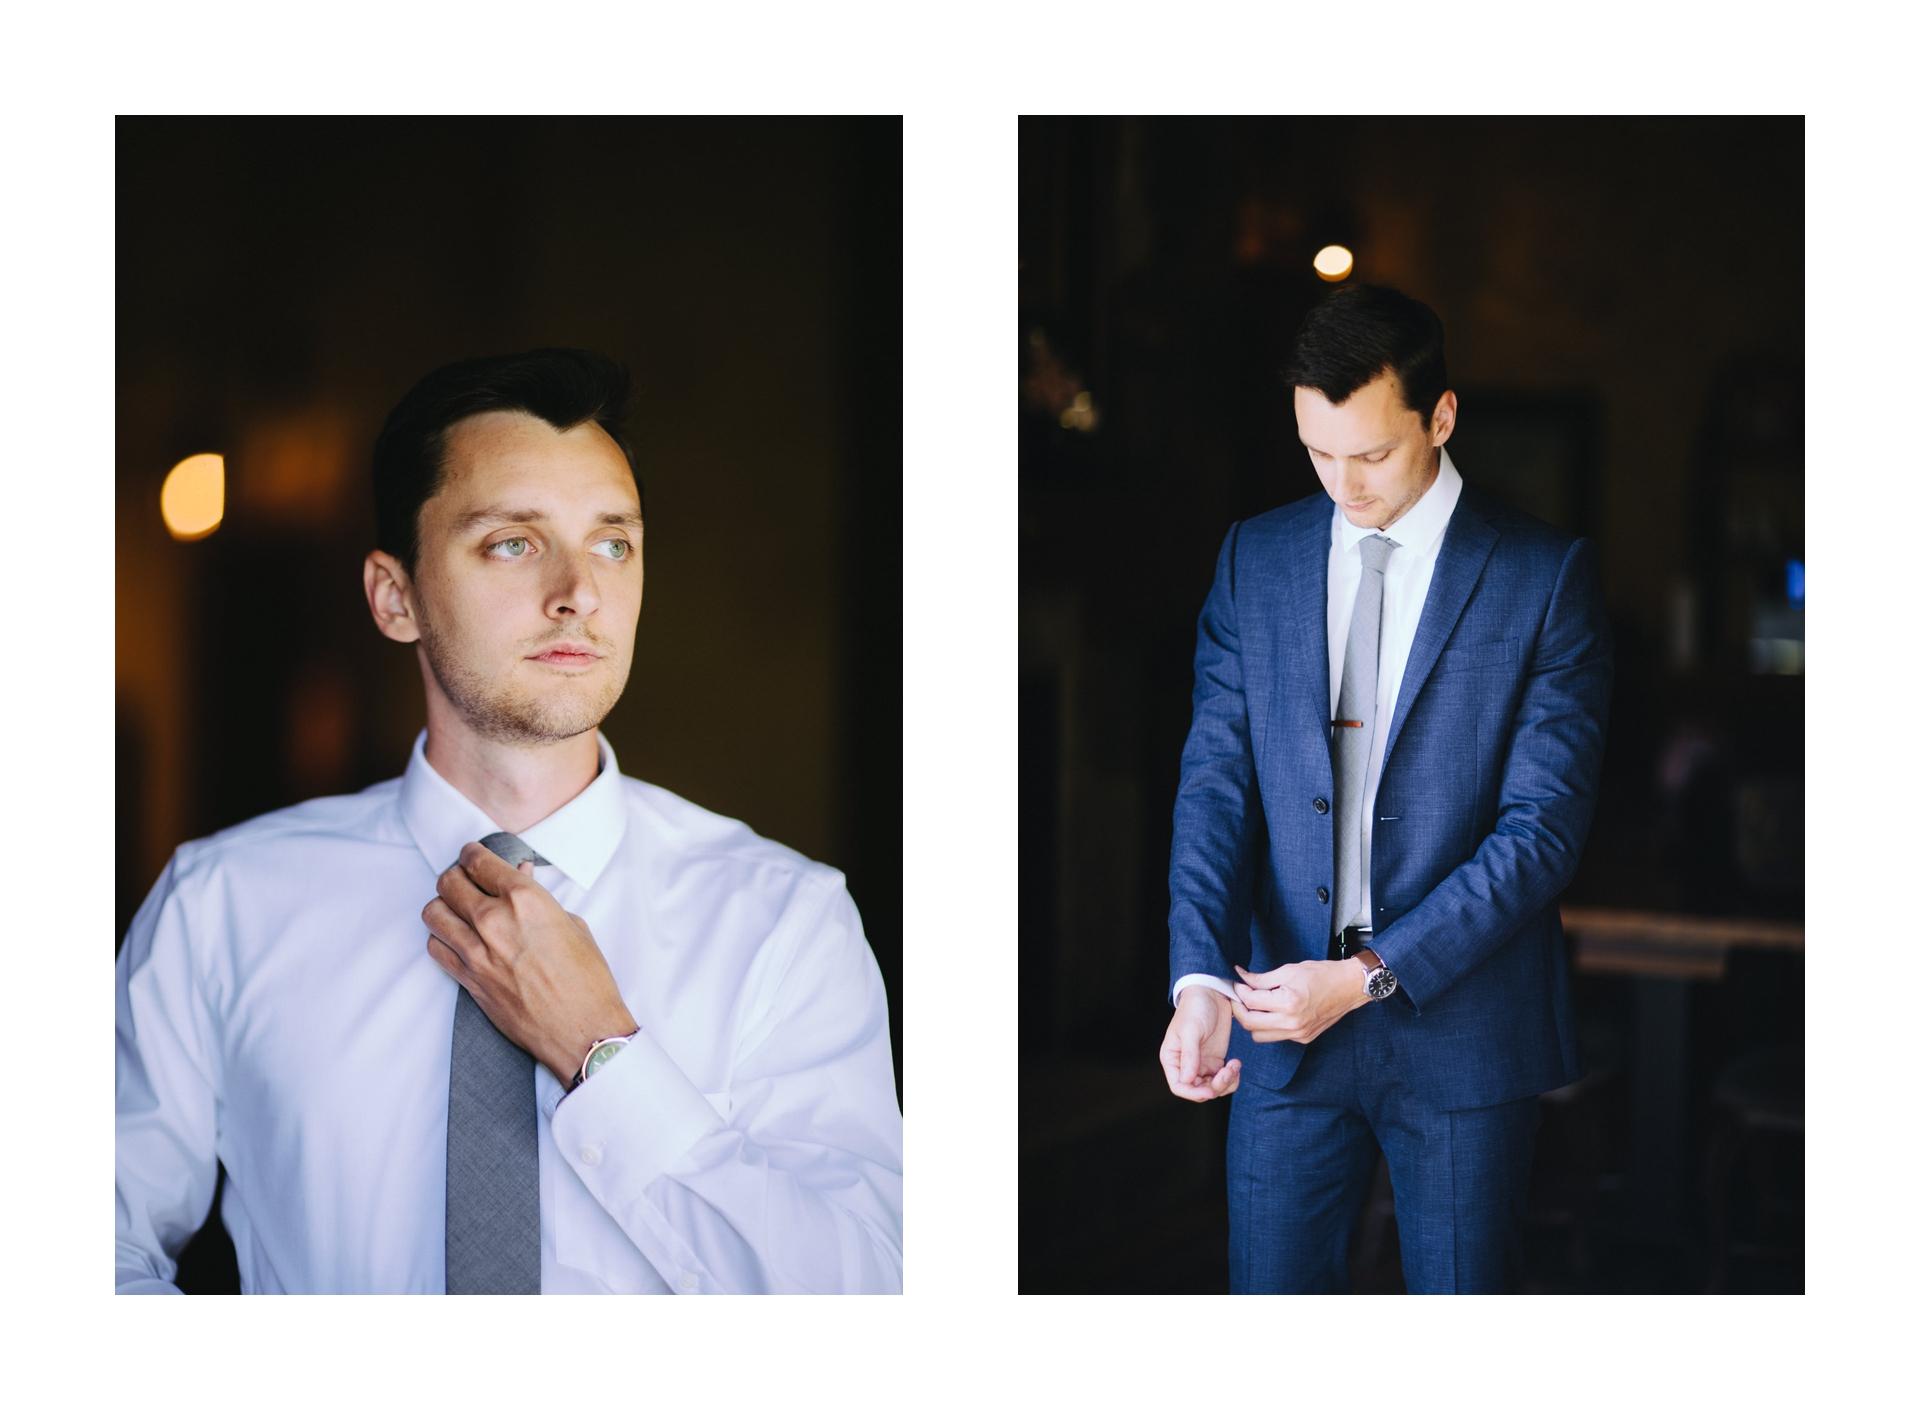 Gervasi Wedding Photographer in Canton Ohio 4.jpg